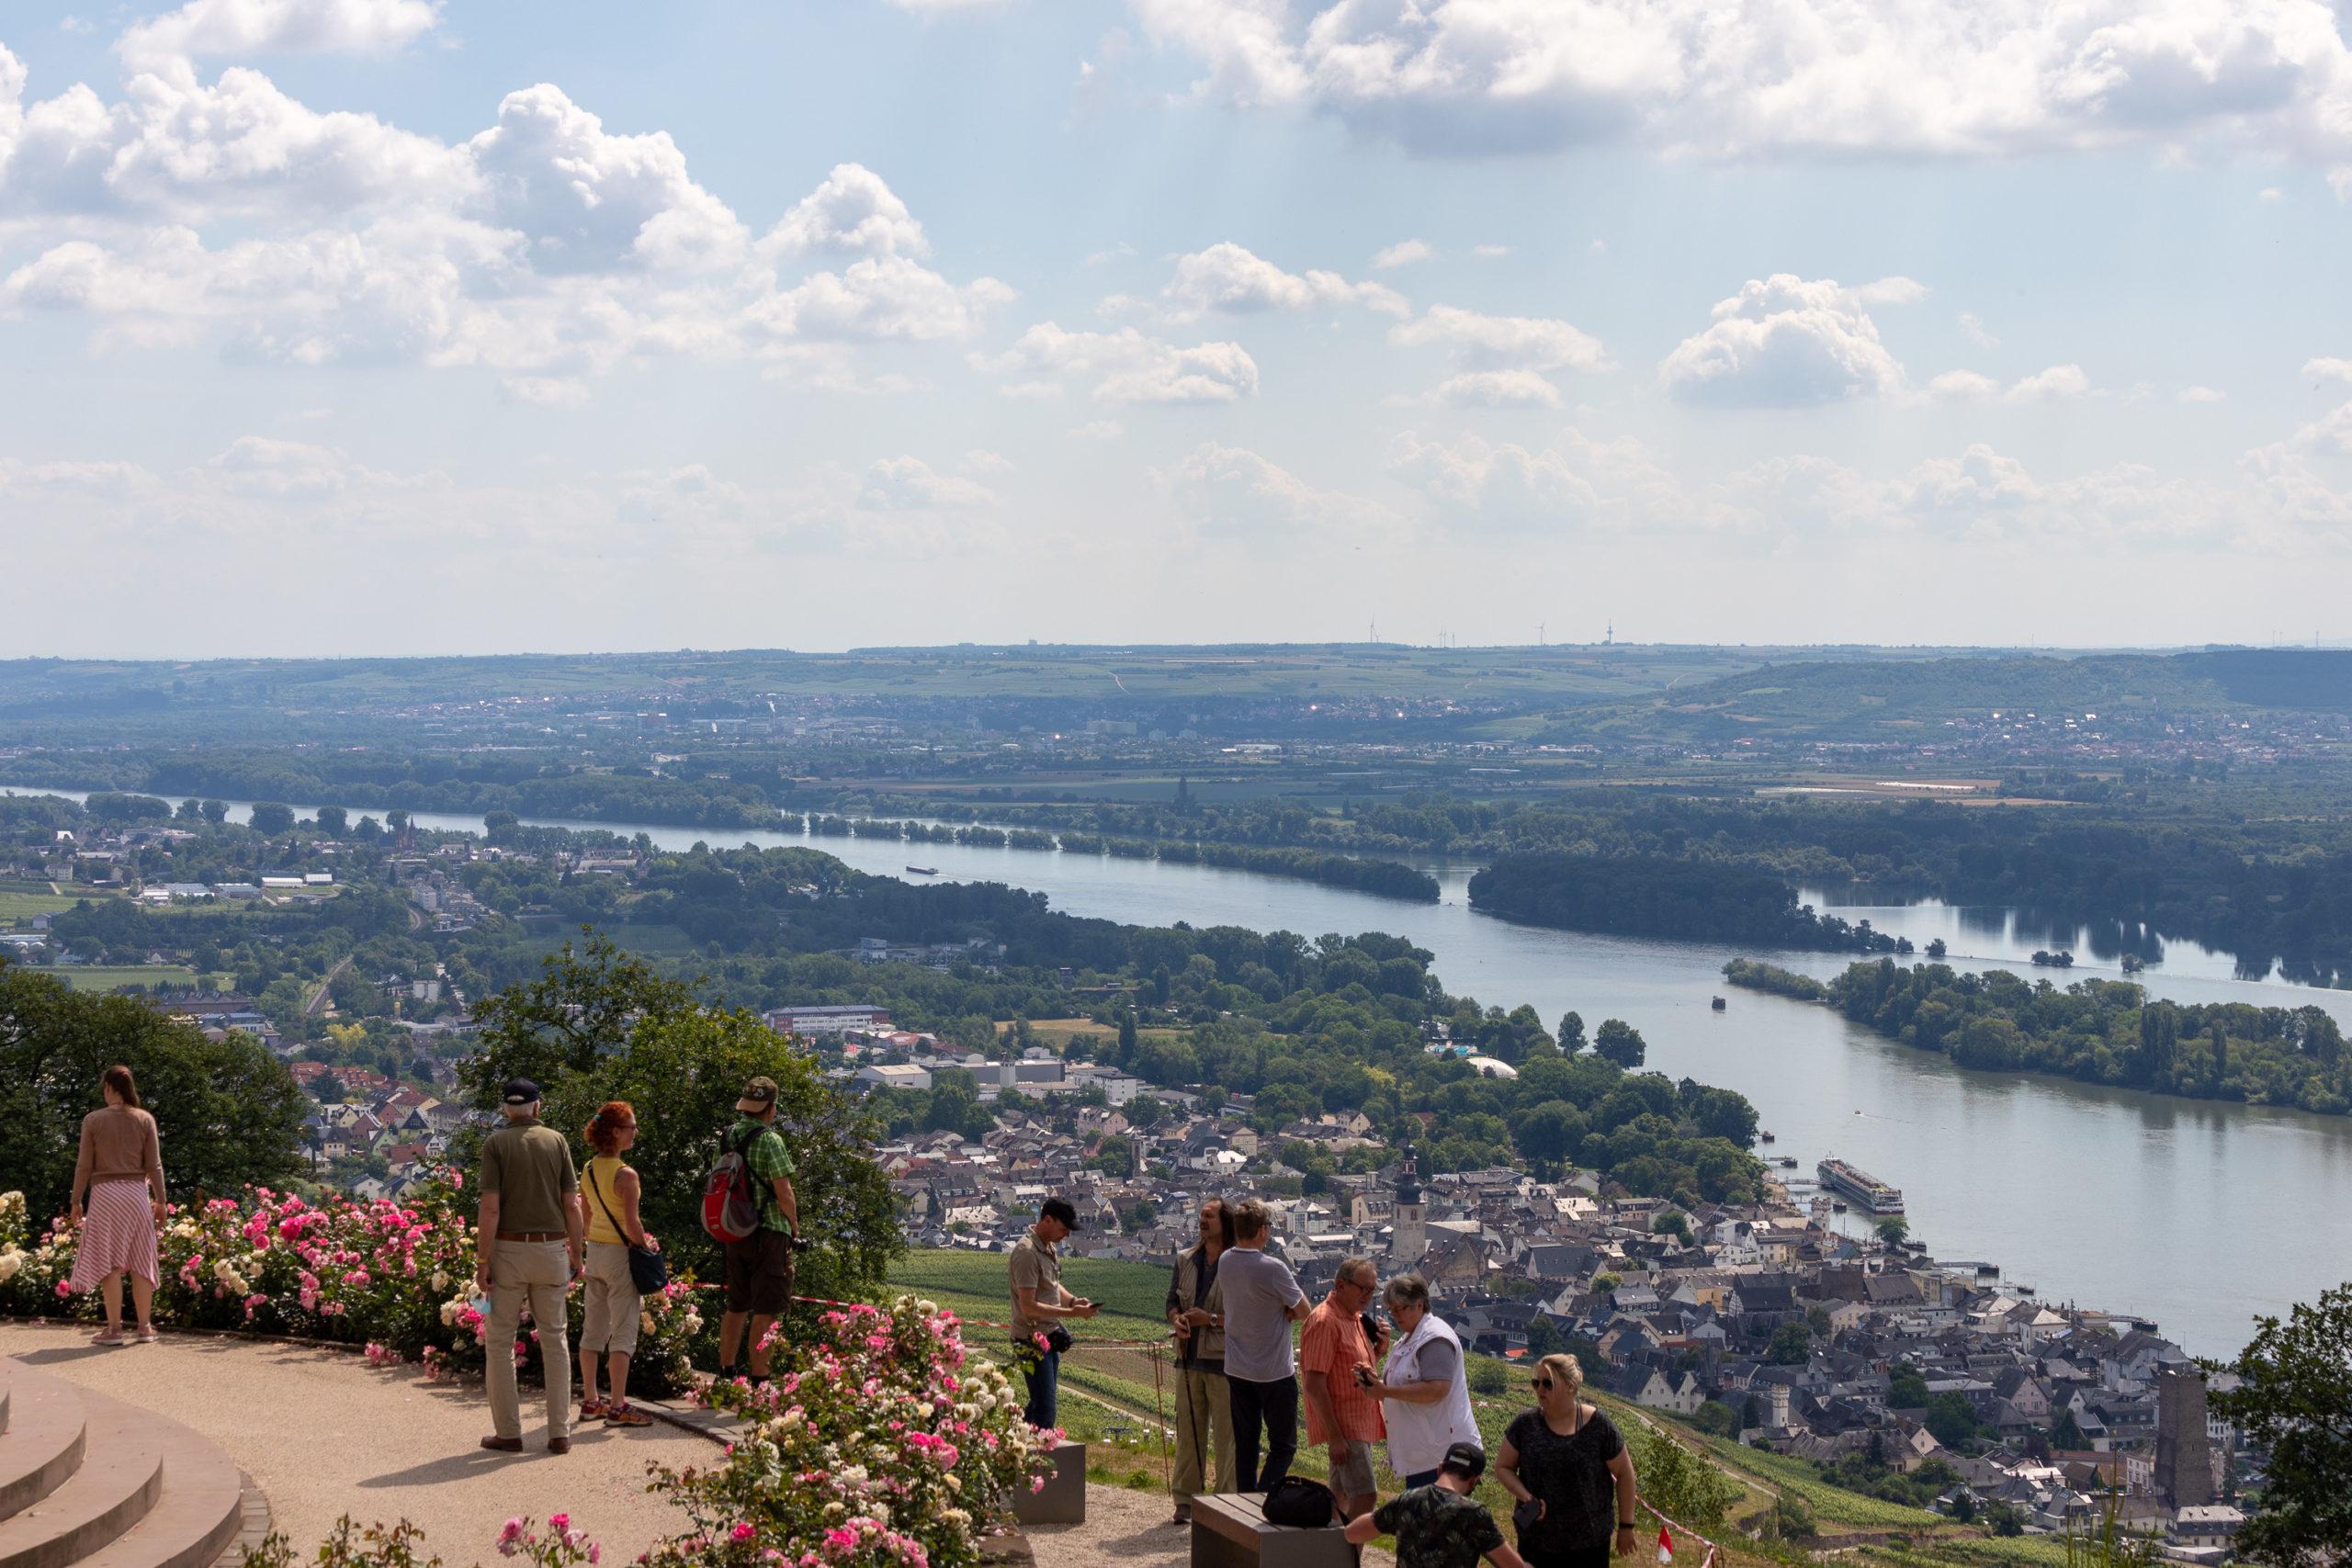 Blick von oben auf den Rhein, man sieht einige Menschen stehen, die ebenfalls runtersehen.